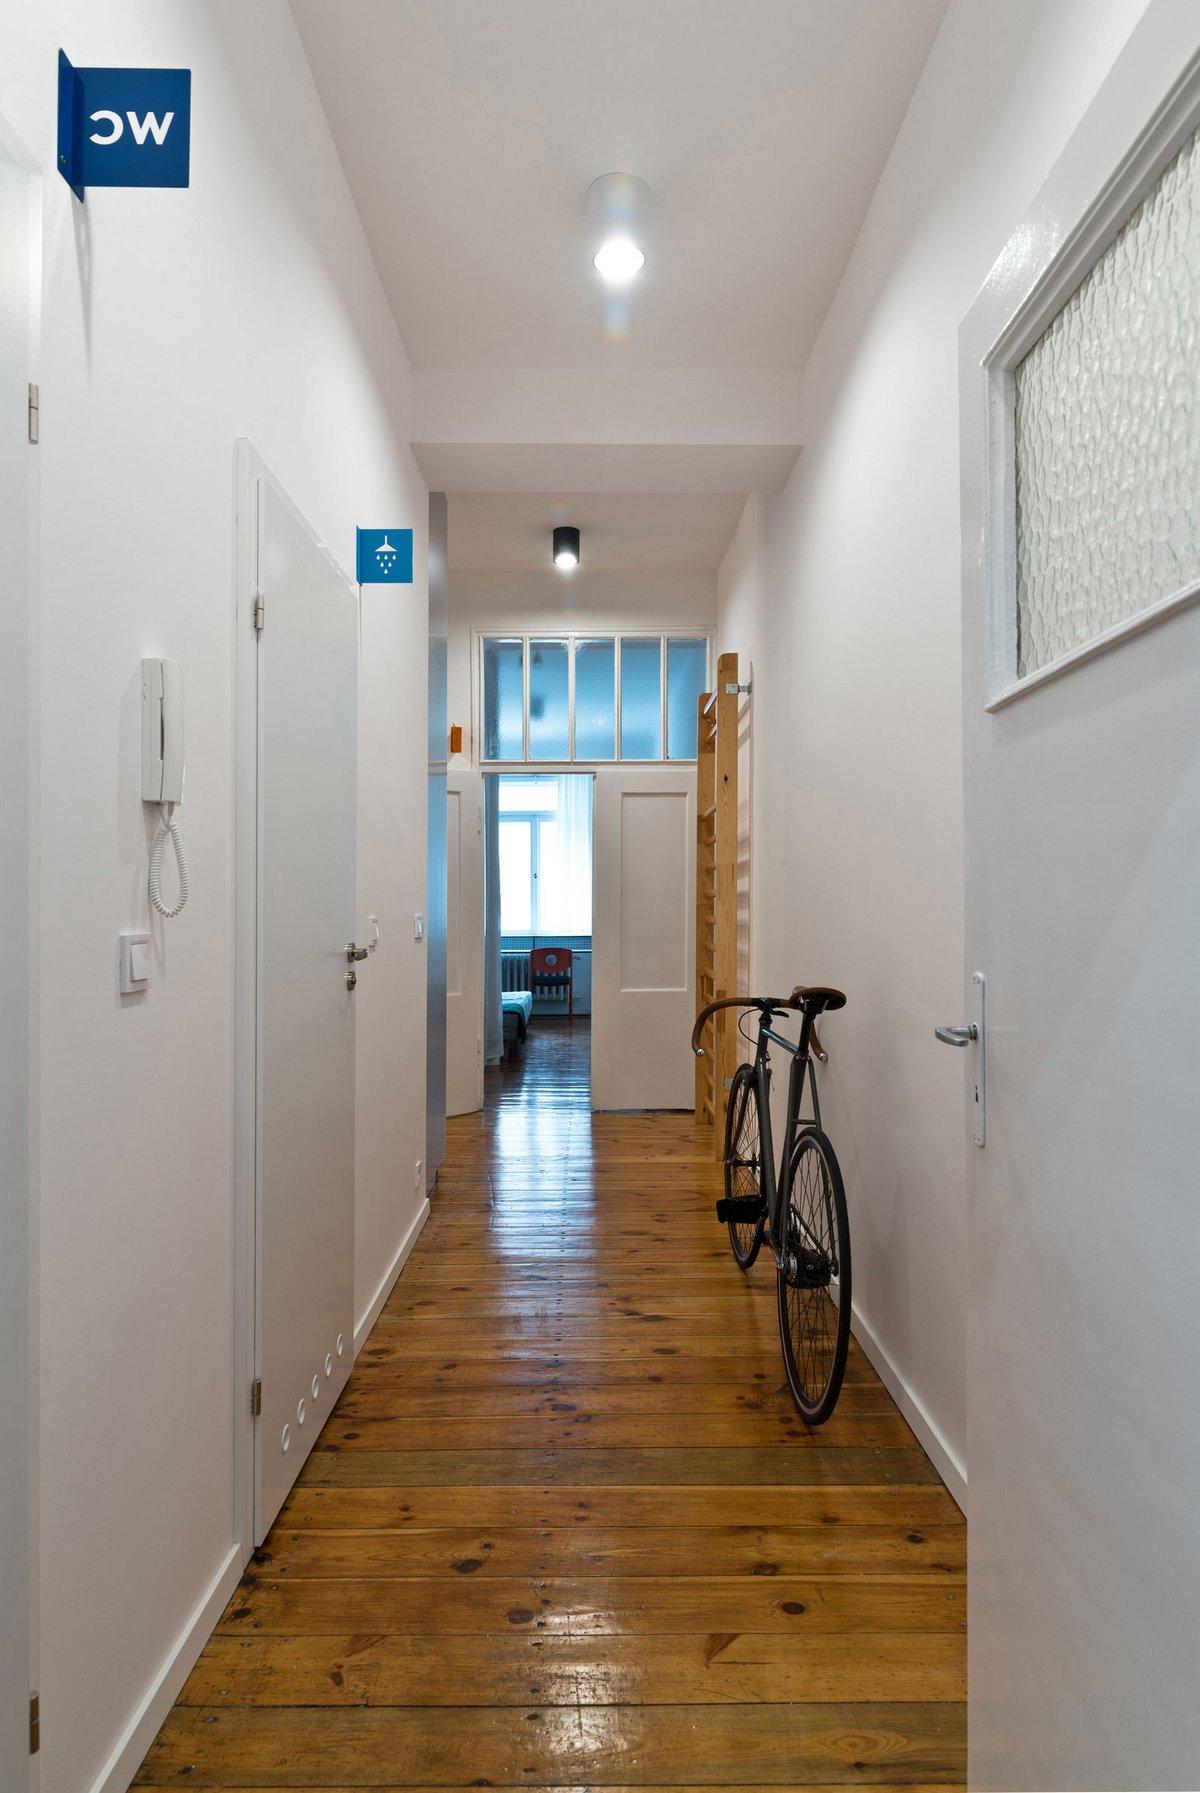 Adam Wiercinski, планировка квартиры фото, студенческая квартира фото, как живут студенты в Польше, оригинальный дизайн интерьера квартиры фото